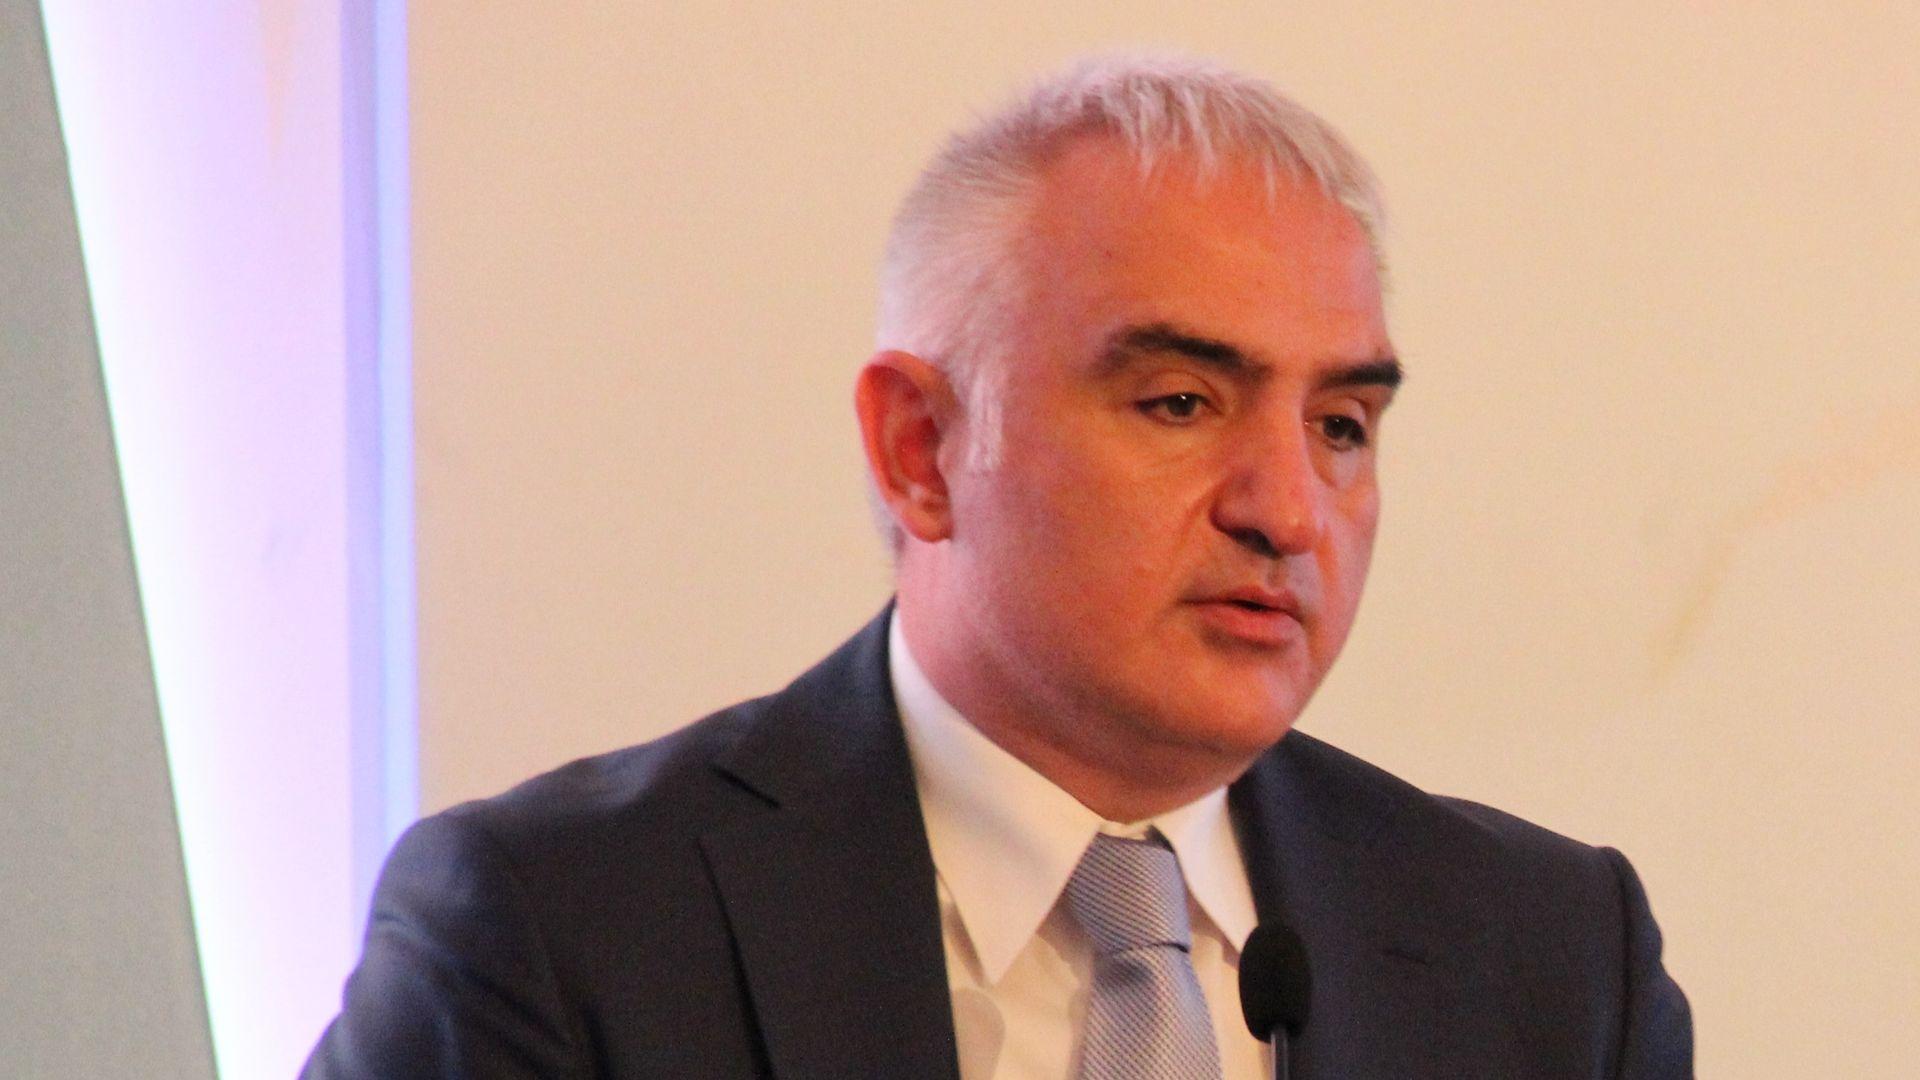 Kültür ve Turizm Bakanı Mehmet Nuri Ersoy: Dünya bilgi üzerinden dizayn ediliyor